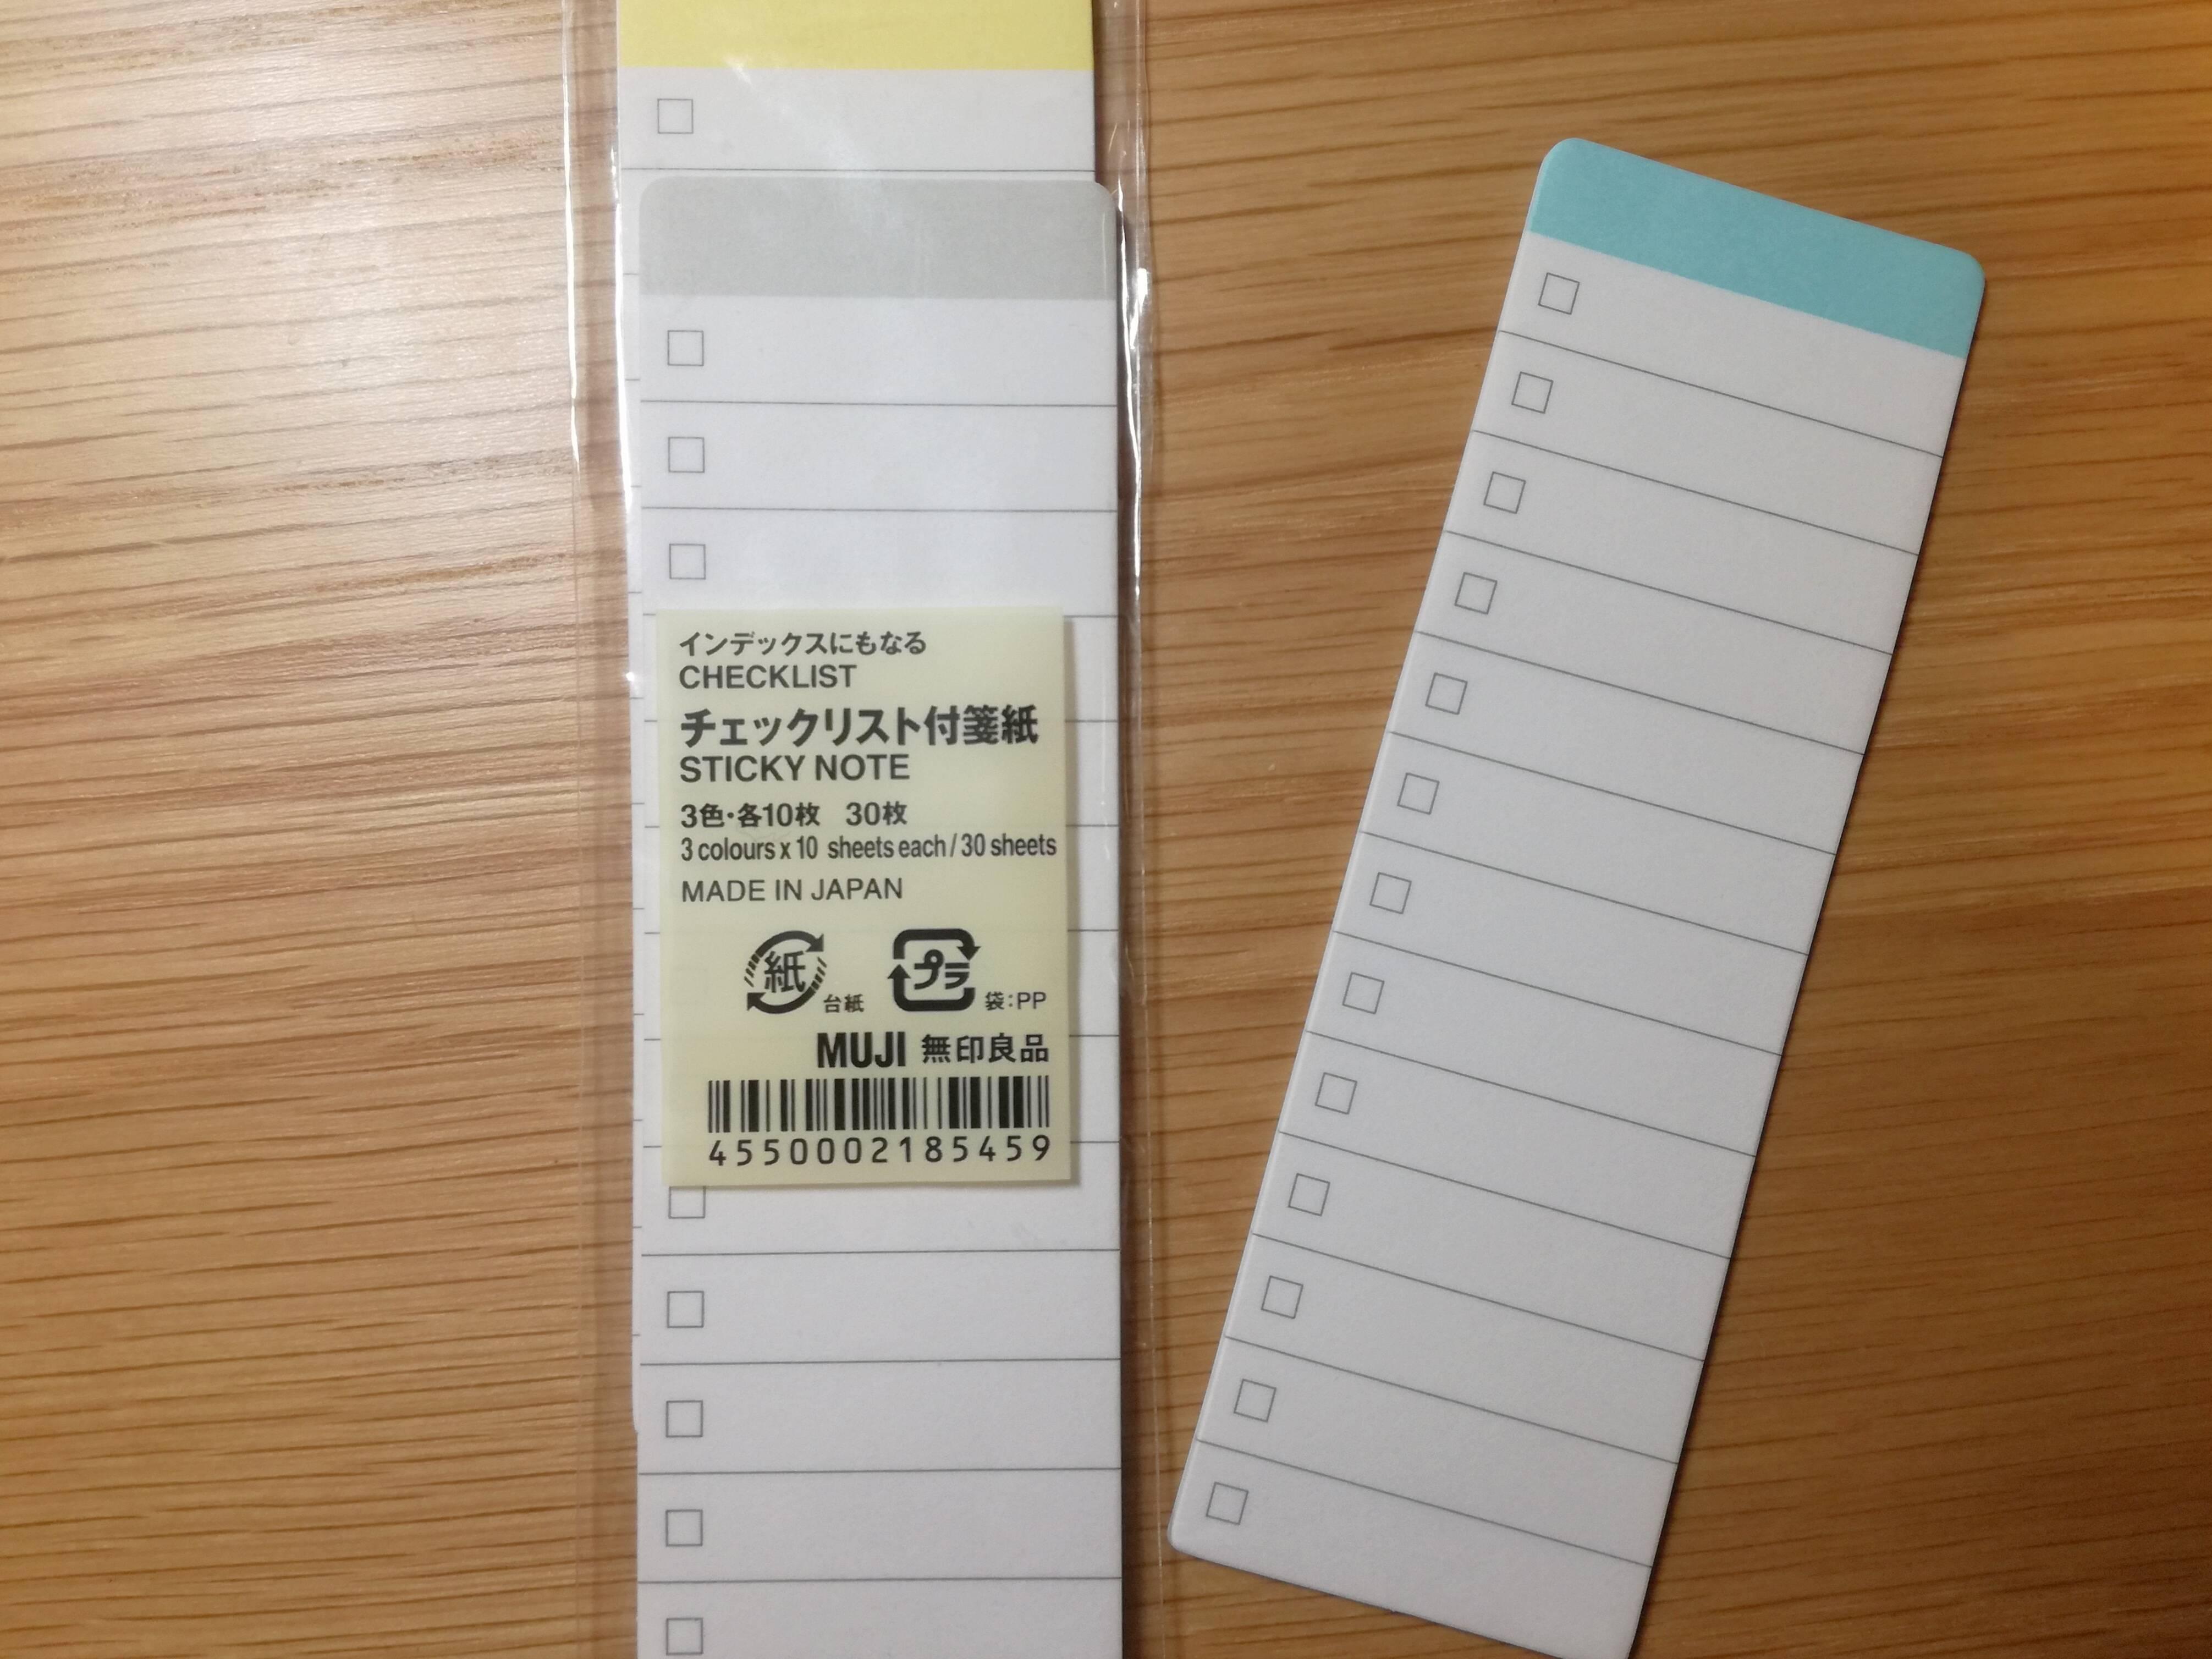 無印良品 インデックスにもなるチェックリスト付箋紙